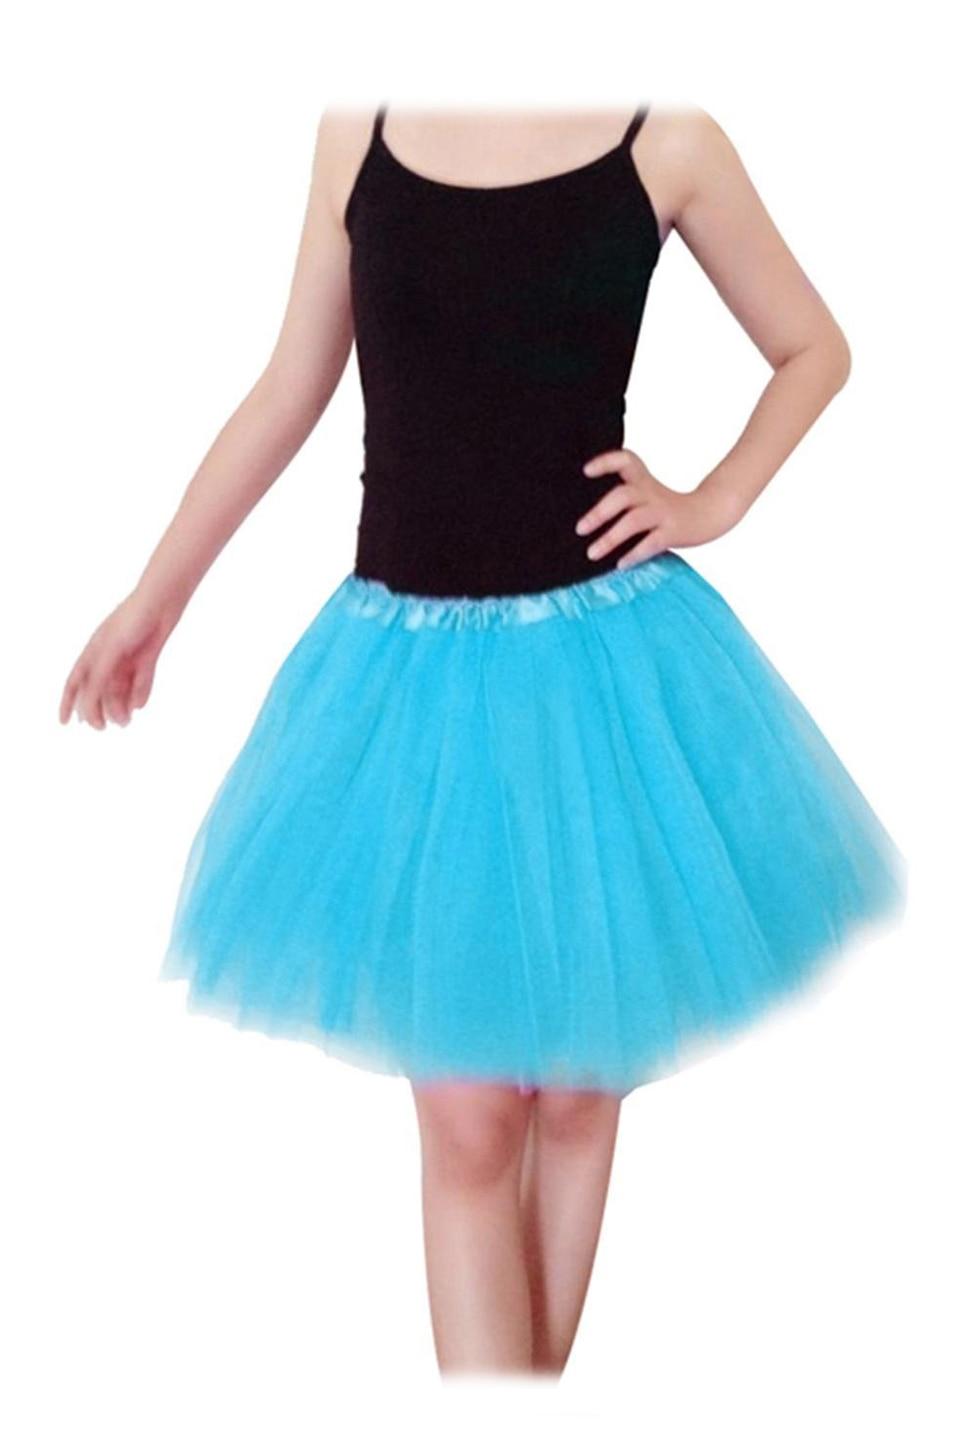 IMC Women/Adult Organza Dance wear Tutu Ballet Pettiskirt Princess ...